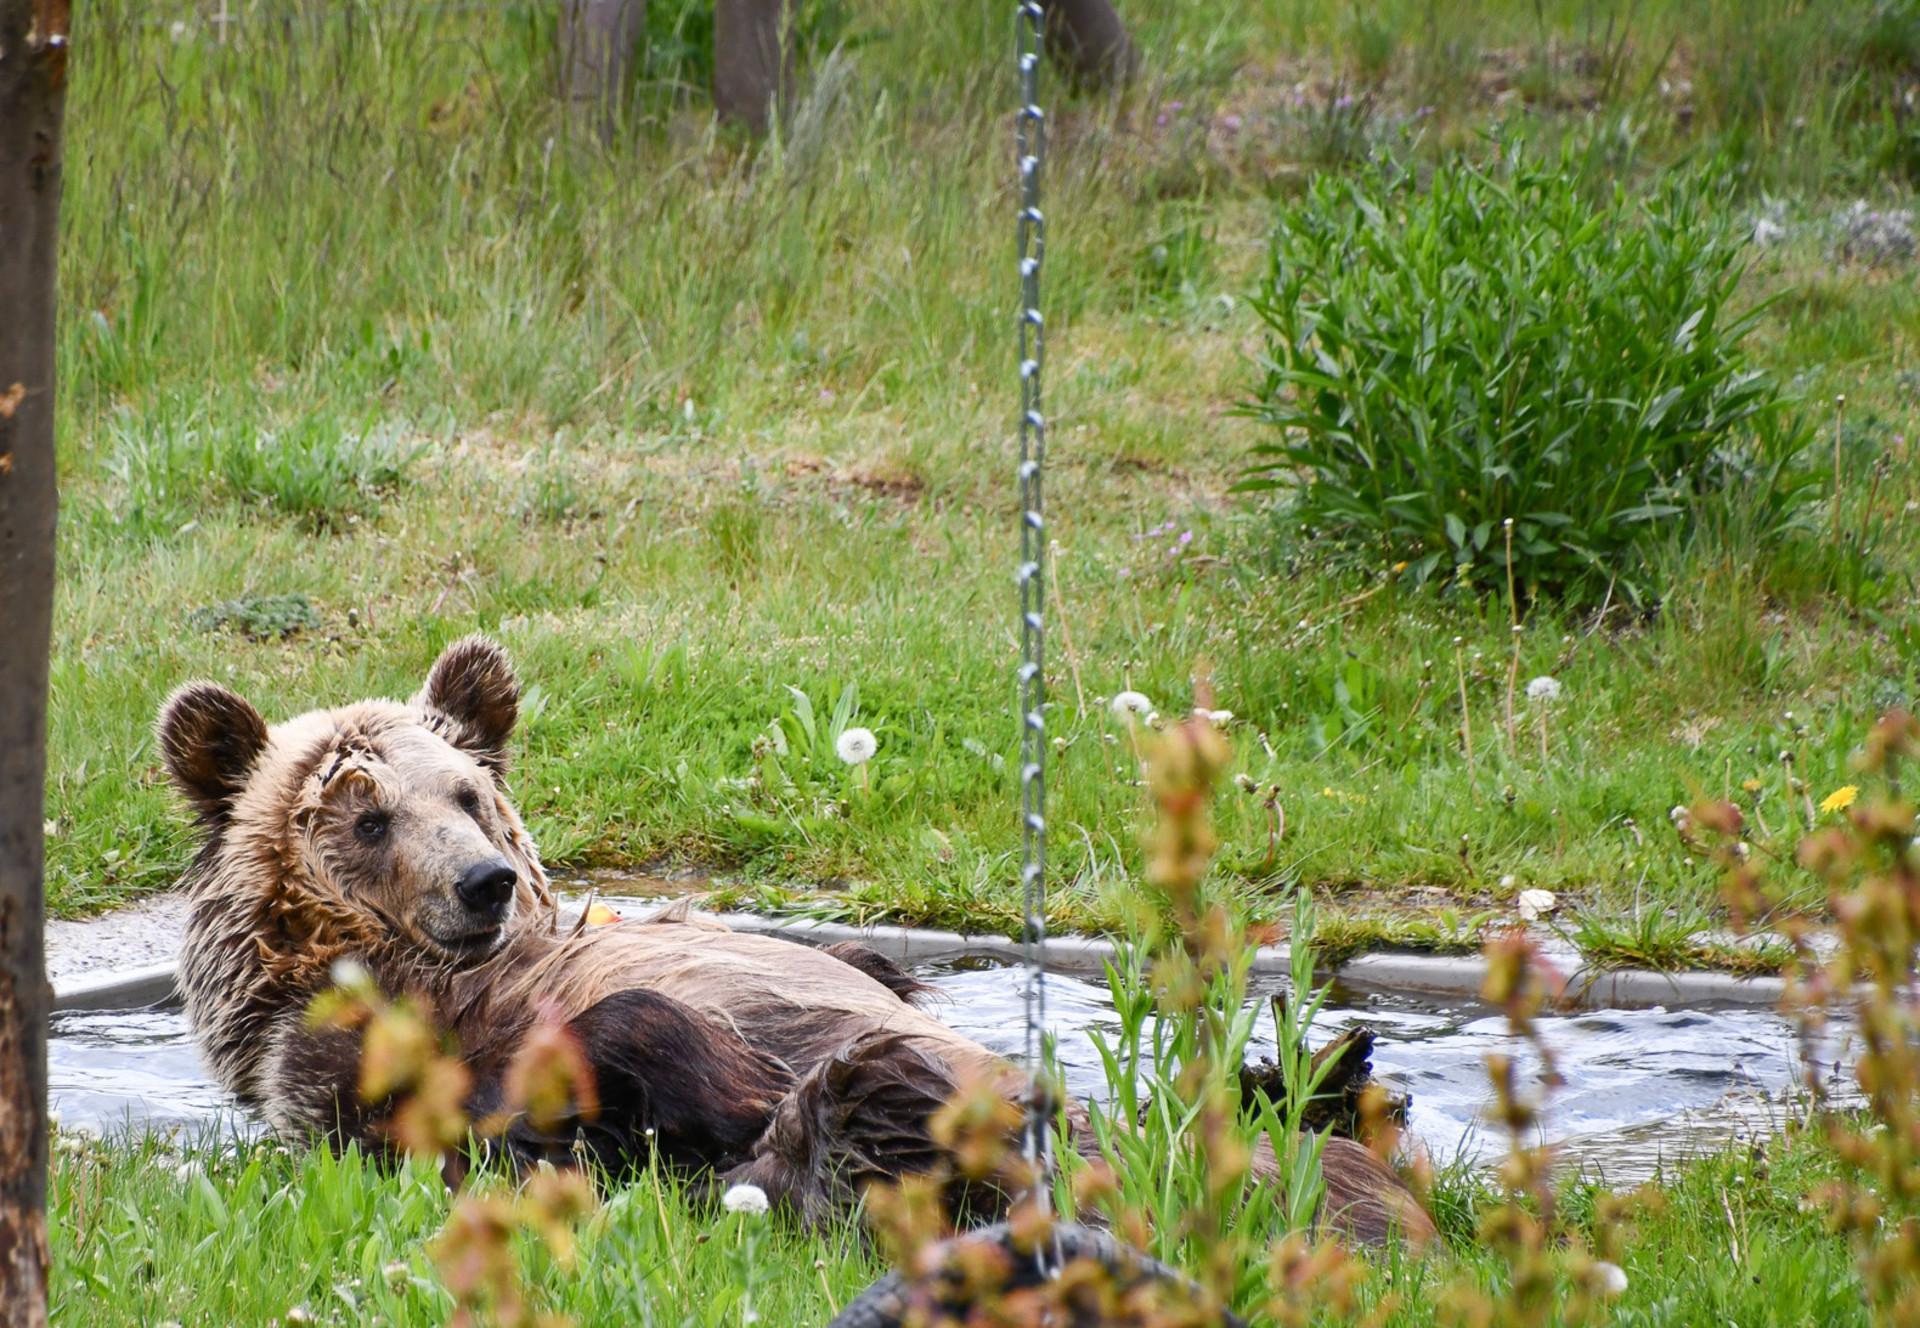 Bear Dushi in BEAR SANCTUARY Müritz